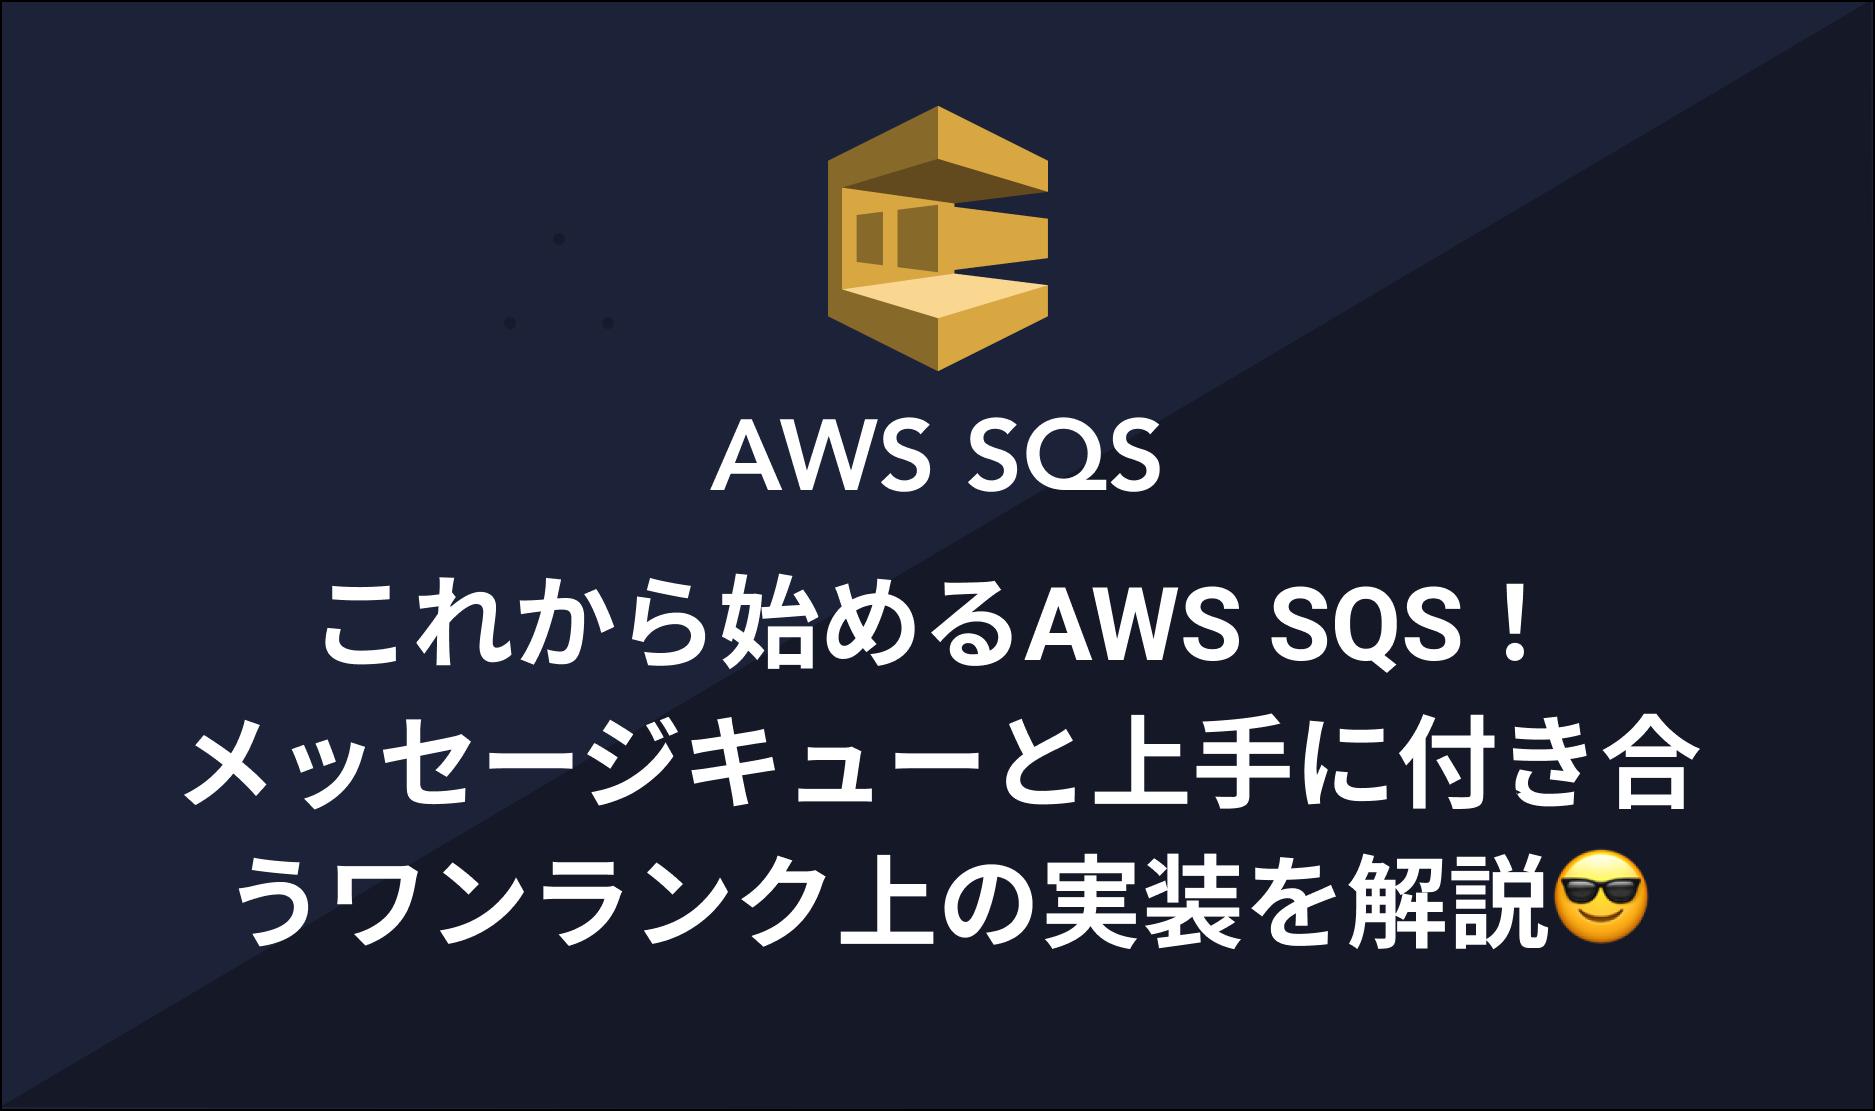 これから始めるAWS SQS!メッセージキューと上手に付き合うワンランク上の実装を解説😎